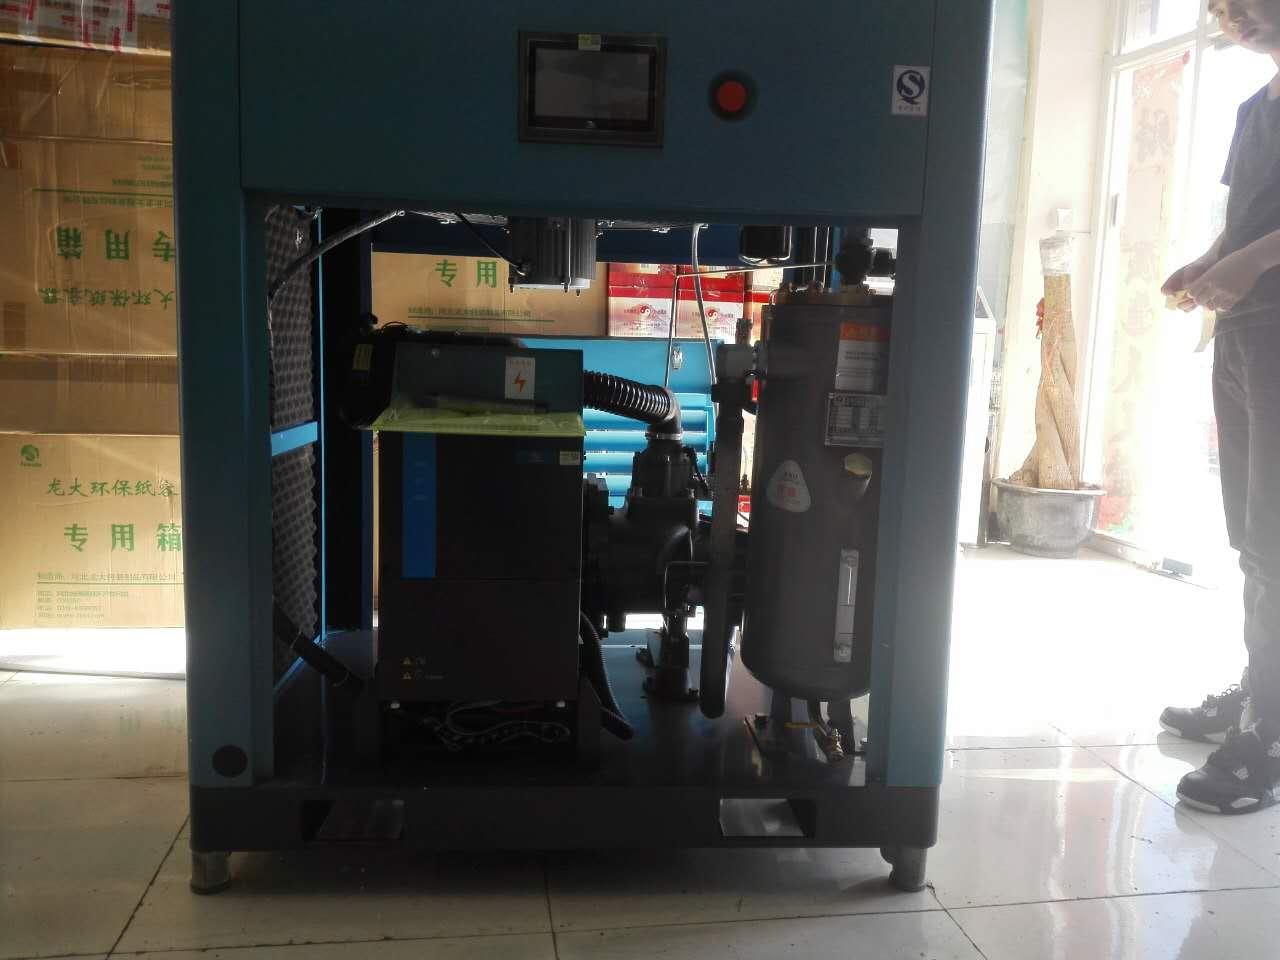 祝賀我司節能省電的BEST-22F(V)永磁變頻壓縮機被新興印刷公司選中